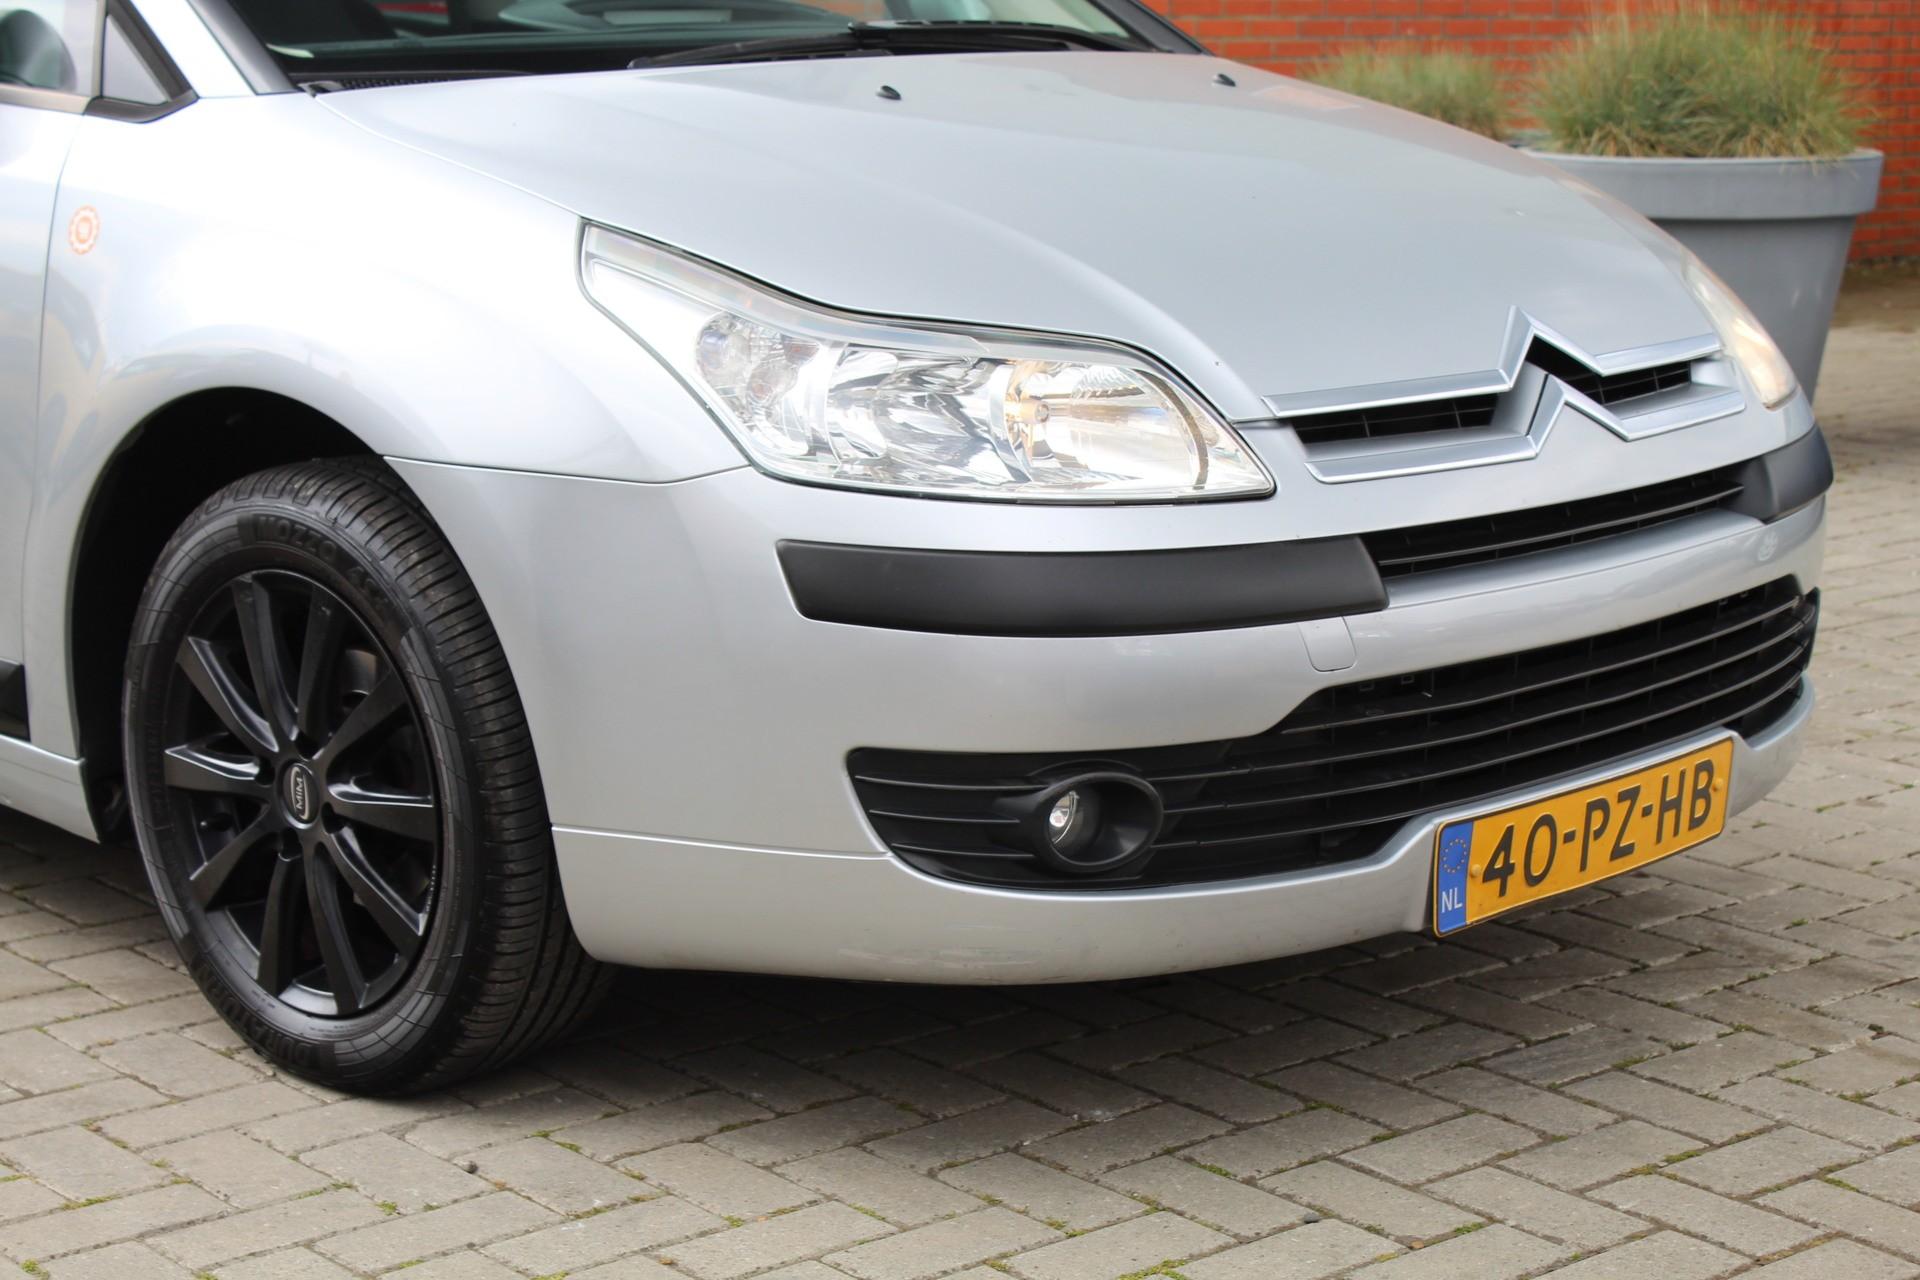 Caroutlet Groningen - Citroen C4 1.6-16V Ligne Prestige   139.000KM   AIRCO   NW APK